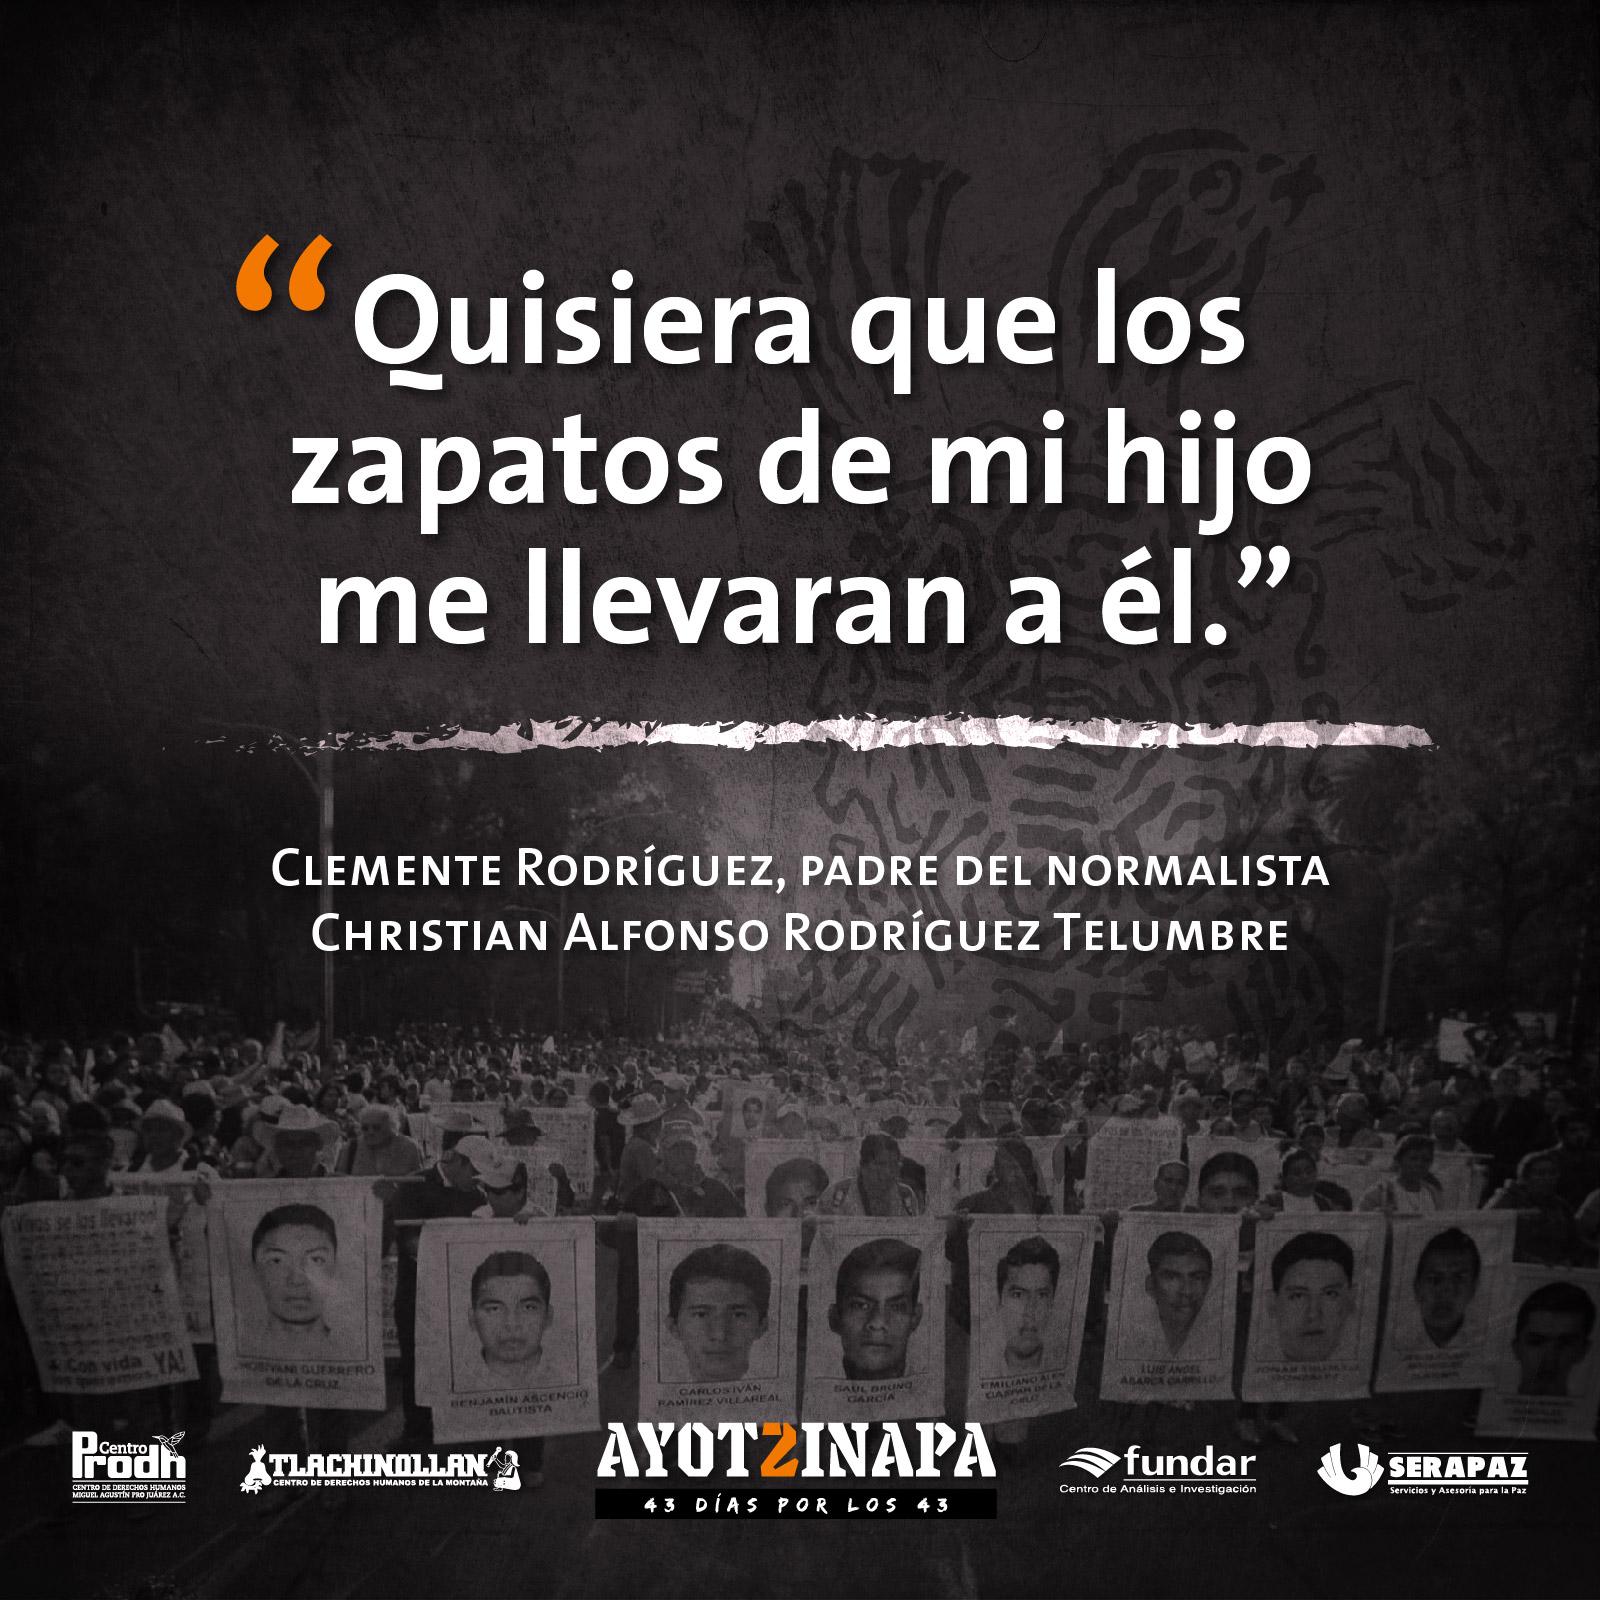 Frases De Familiares De Los Desaparecidos 43 X Ayotzinapa